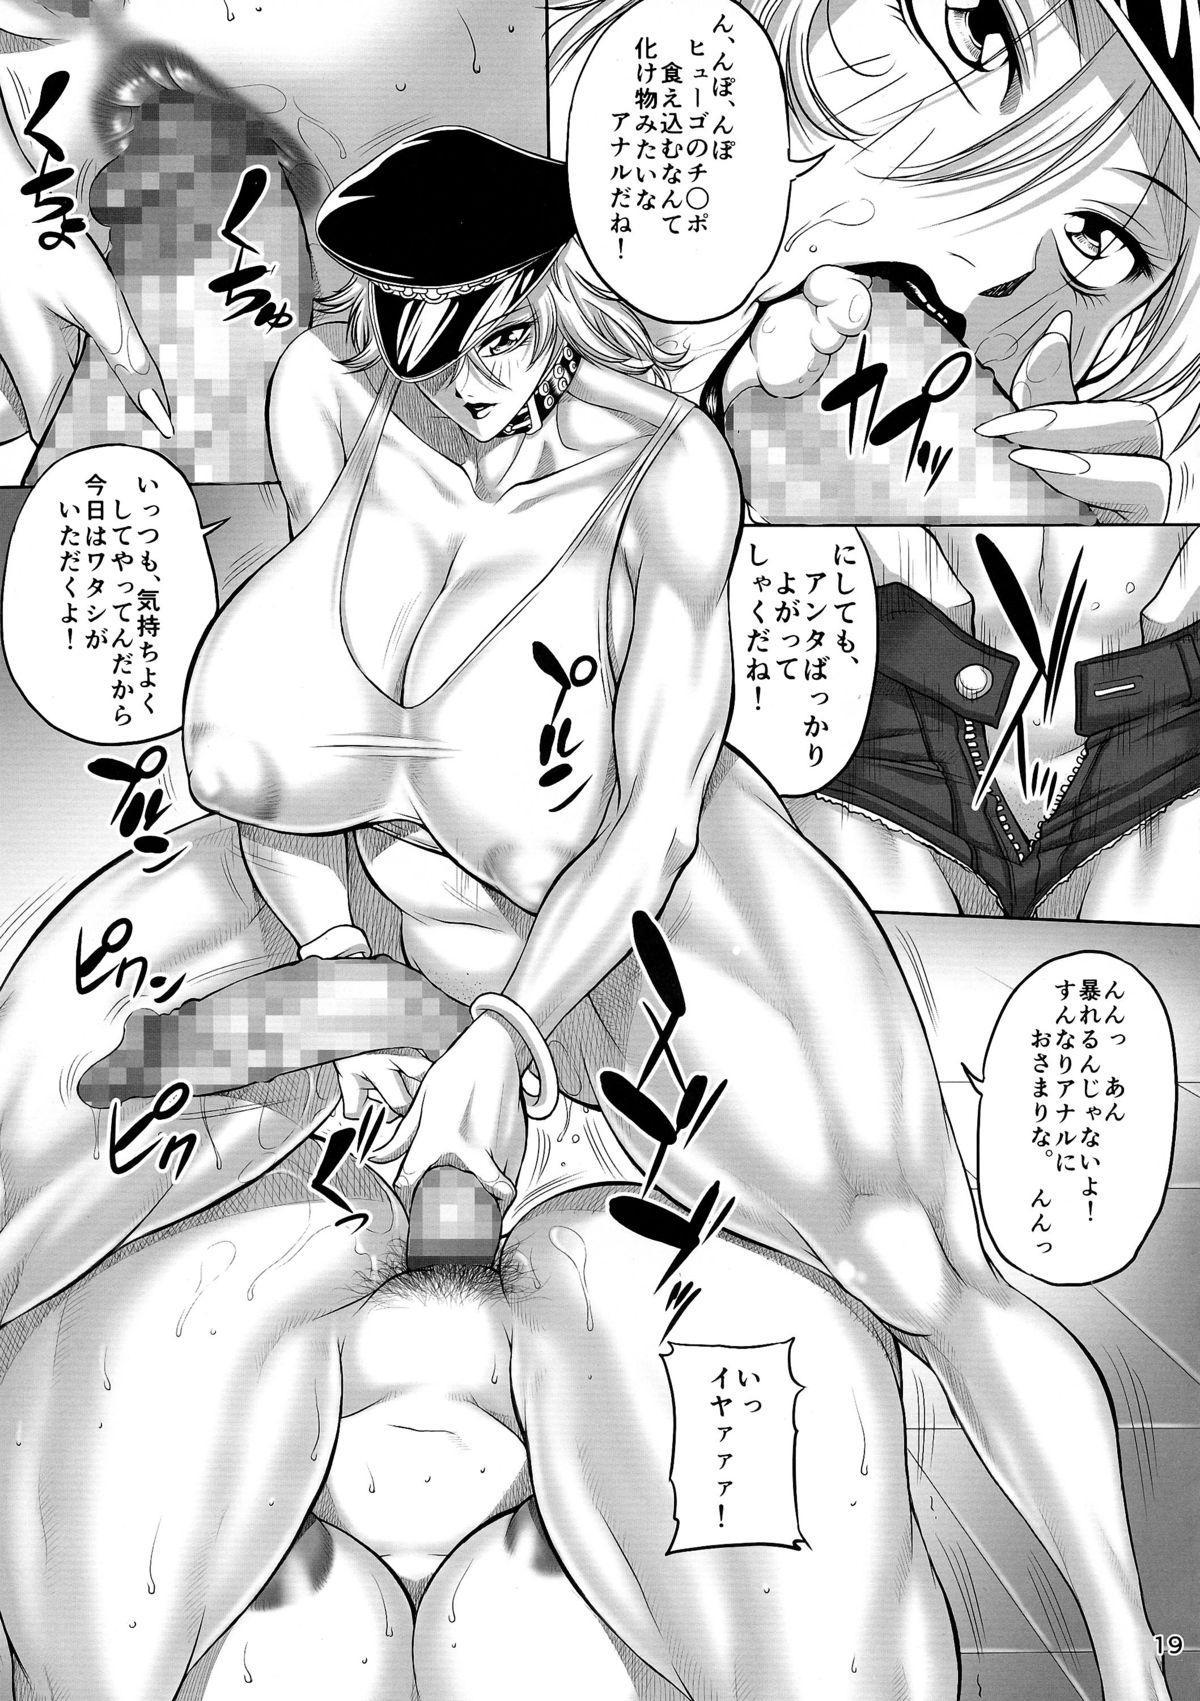 Seigi no Daishou 2 20